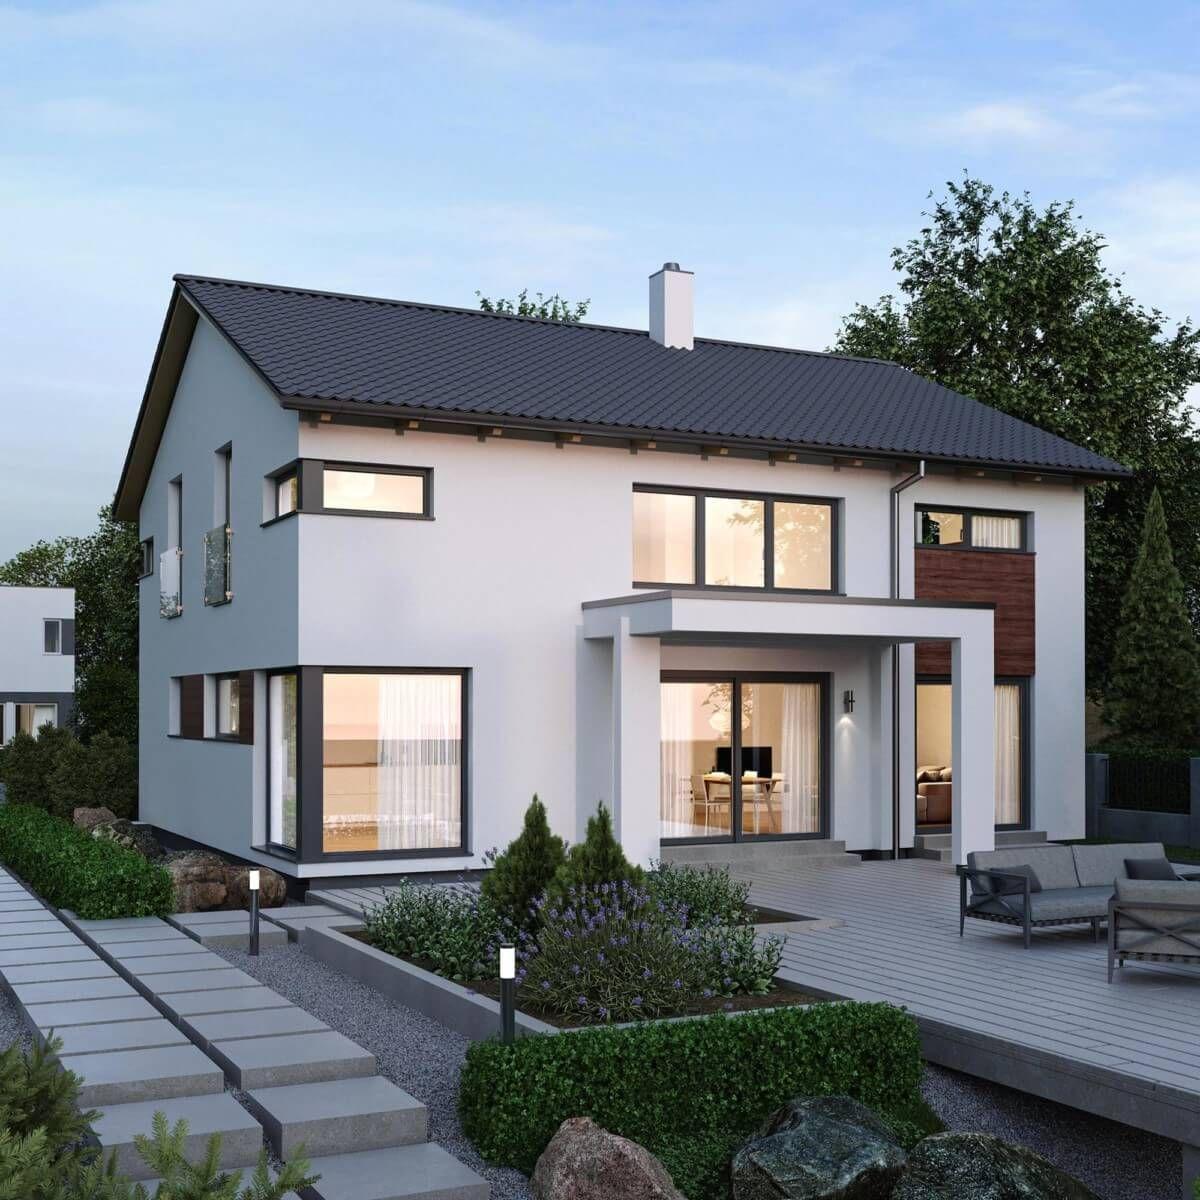 Modernes Einfamilienhaus Mit Satteldach Architektur Galerie Haus